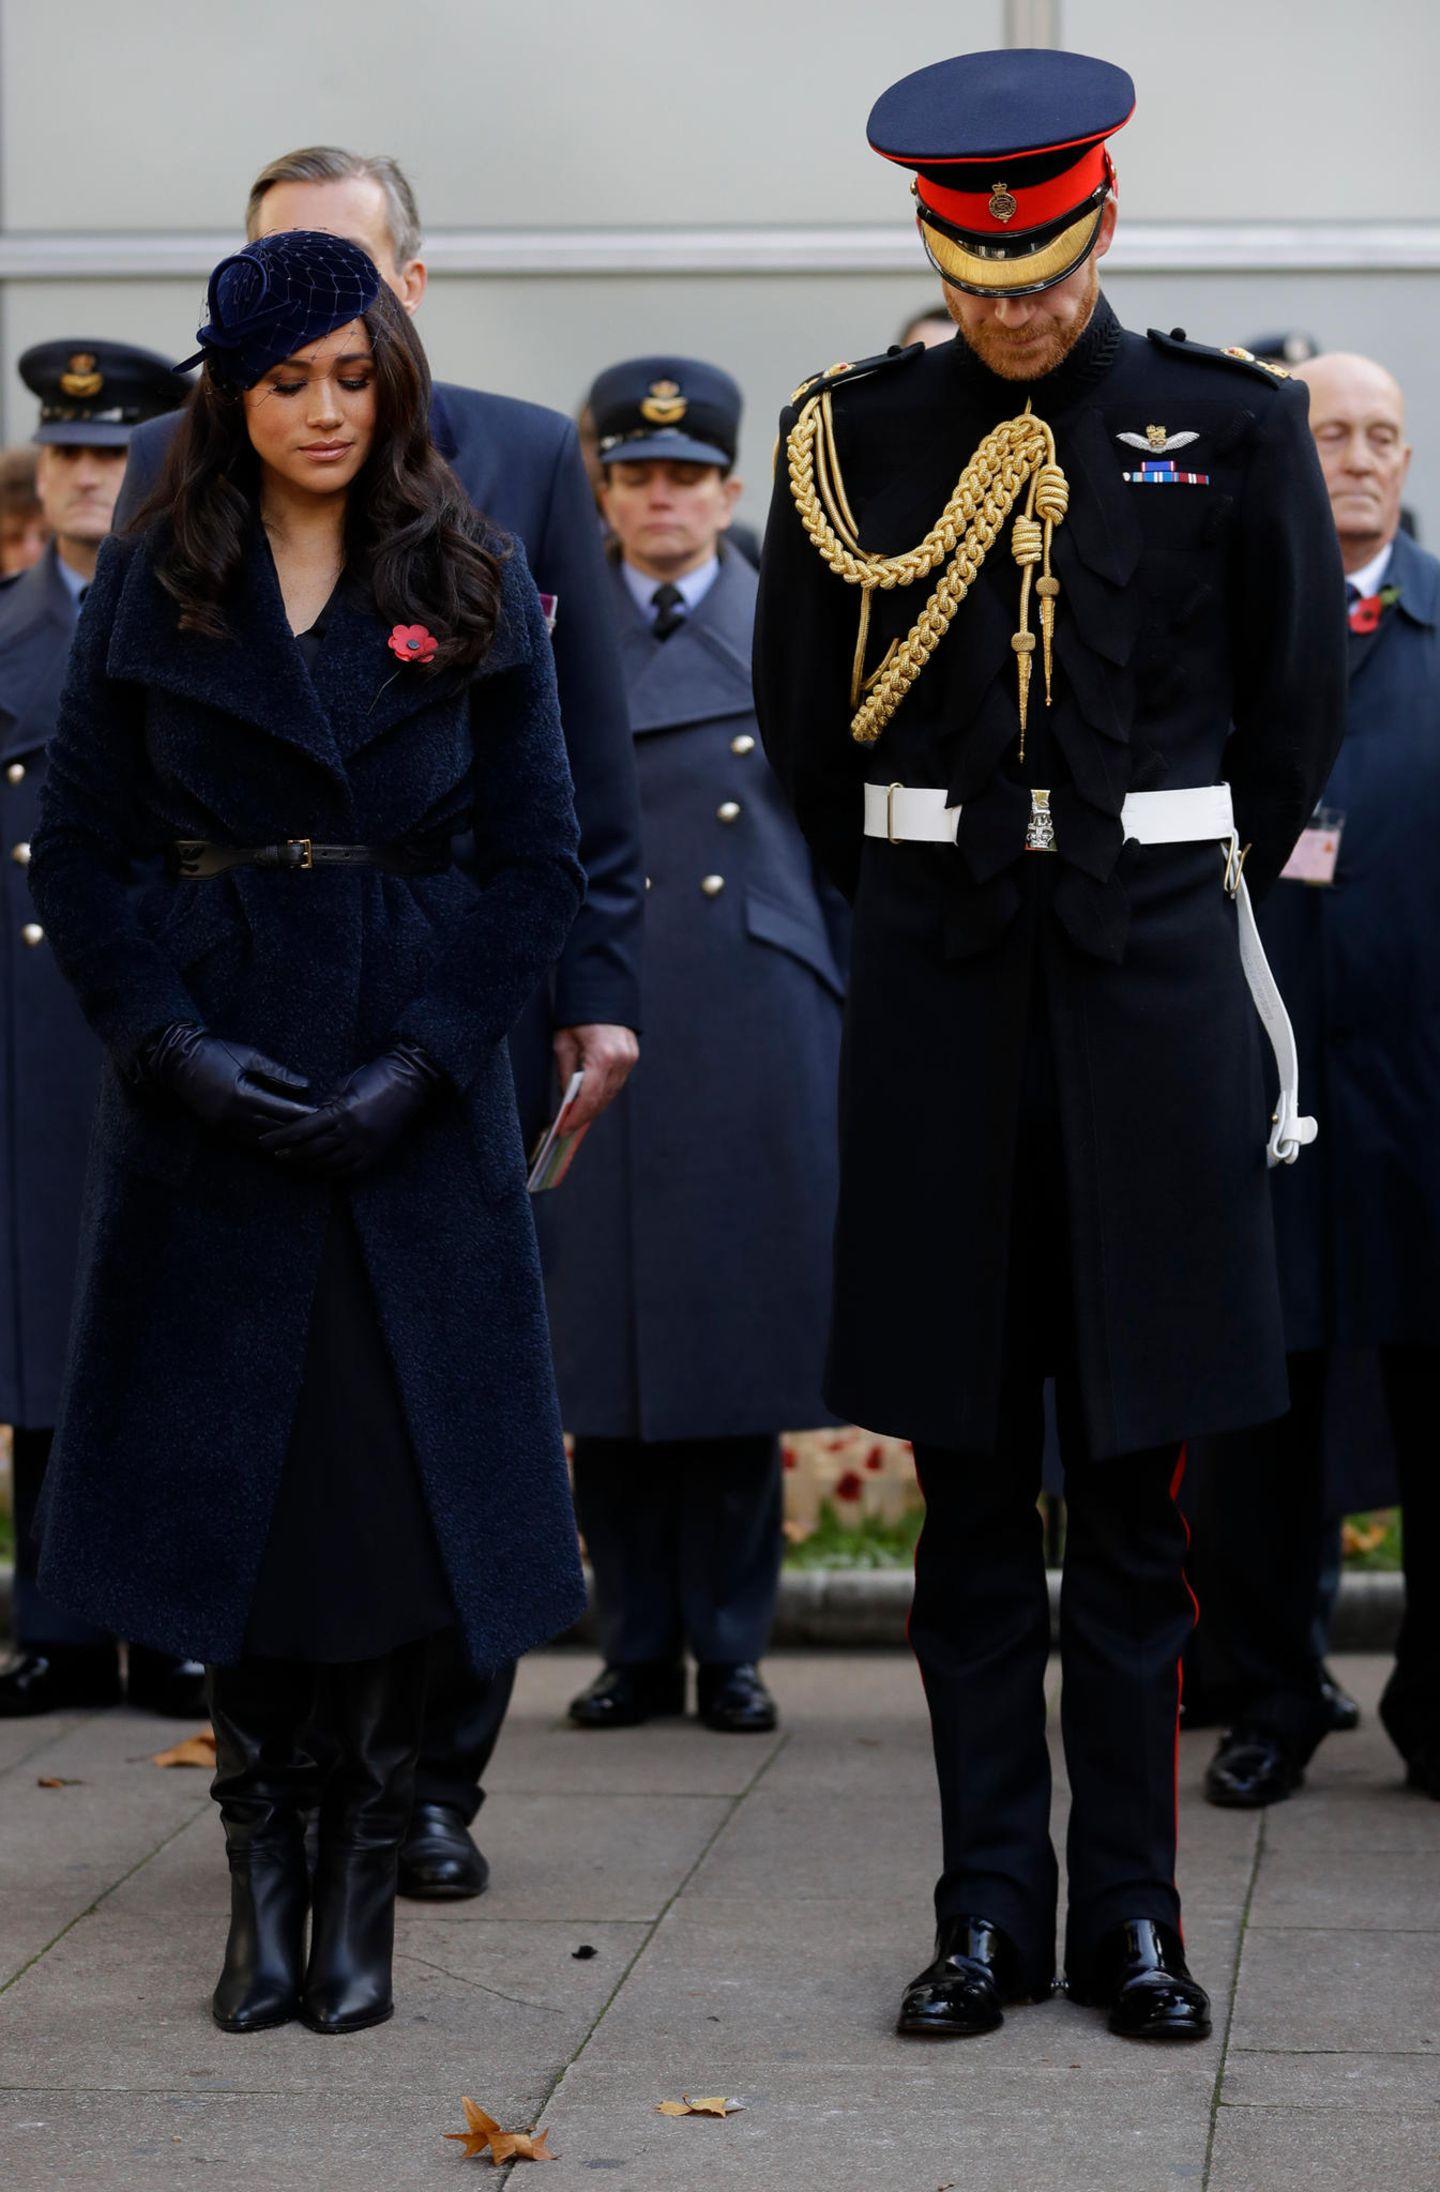 Zu den Feierlichkeiten im Rahmen des Remembrance Days in der Londoner Westminster Abbey entschied sich Herzogin Meghan für einen eleganten Look in Dunkelblau. Besonderer Hingucker ist der de weiche Teddymantel von Sentaler, der mit einem schmalen Ledergürtel auf Figur gebunden wird.